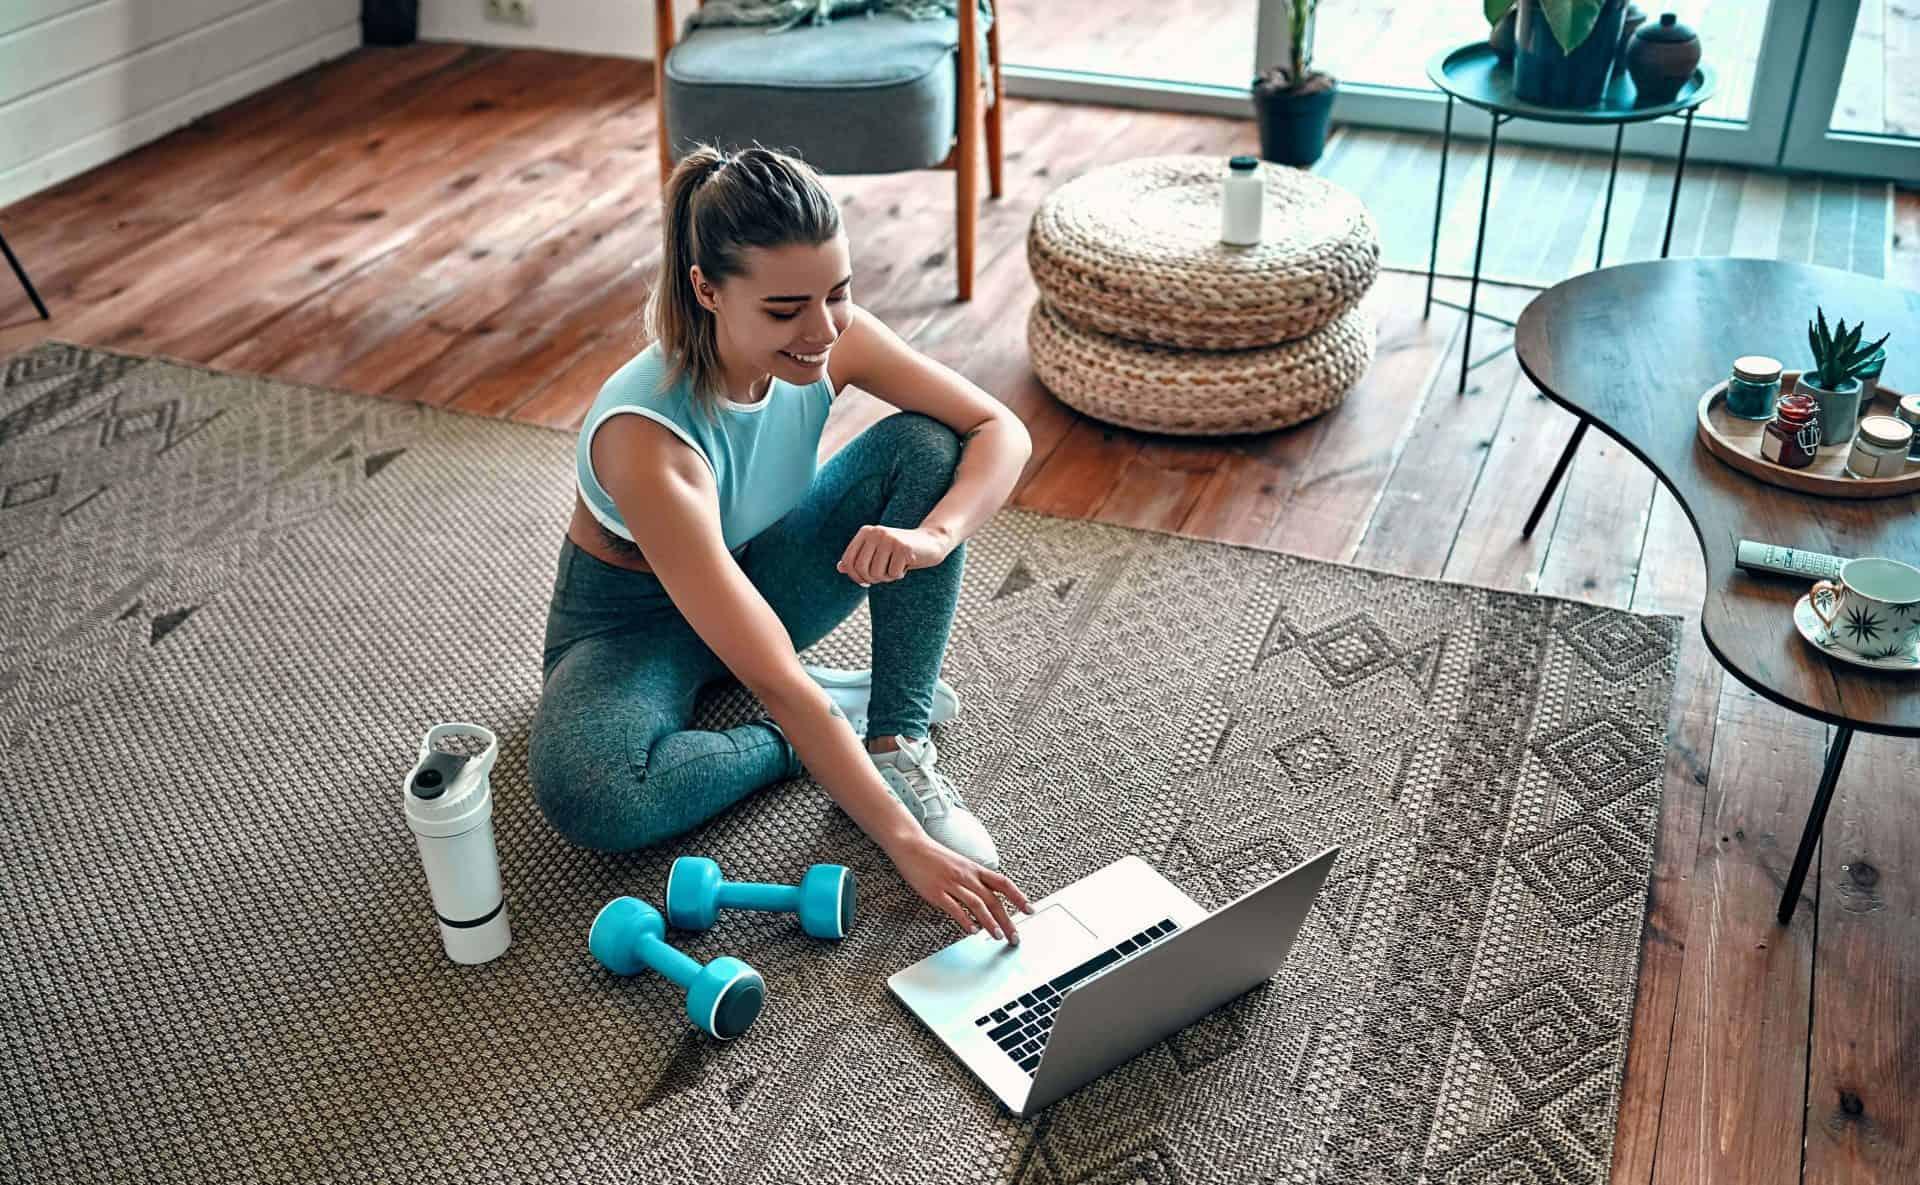 Exercício em casa: confira por onde começar